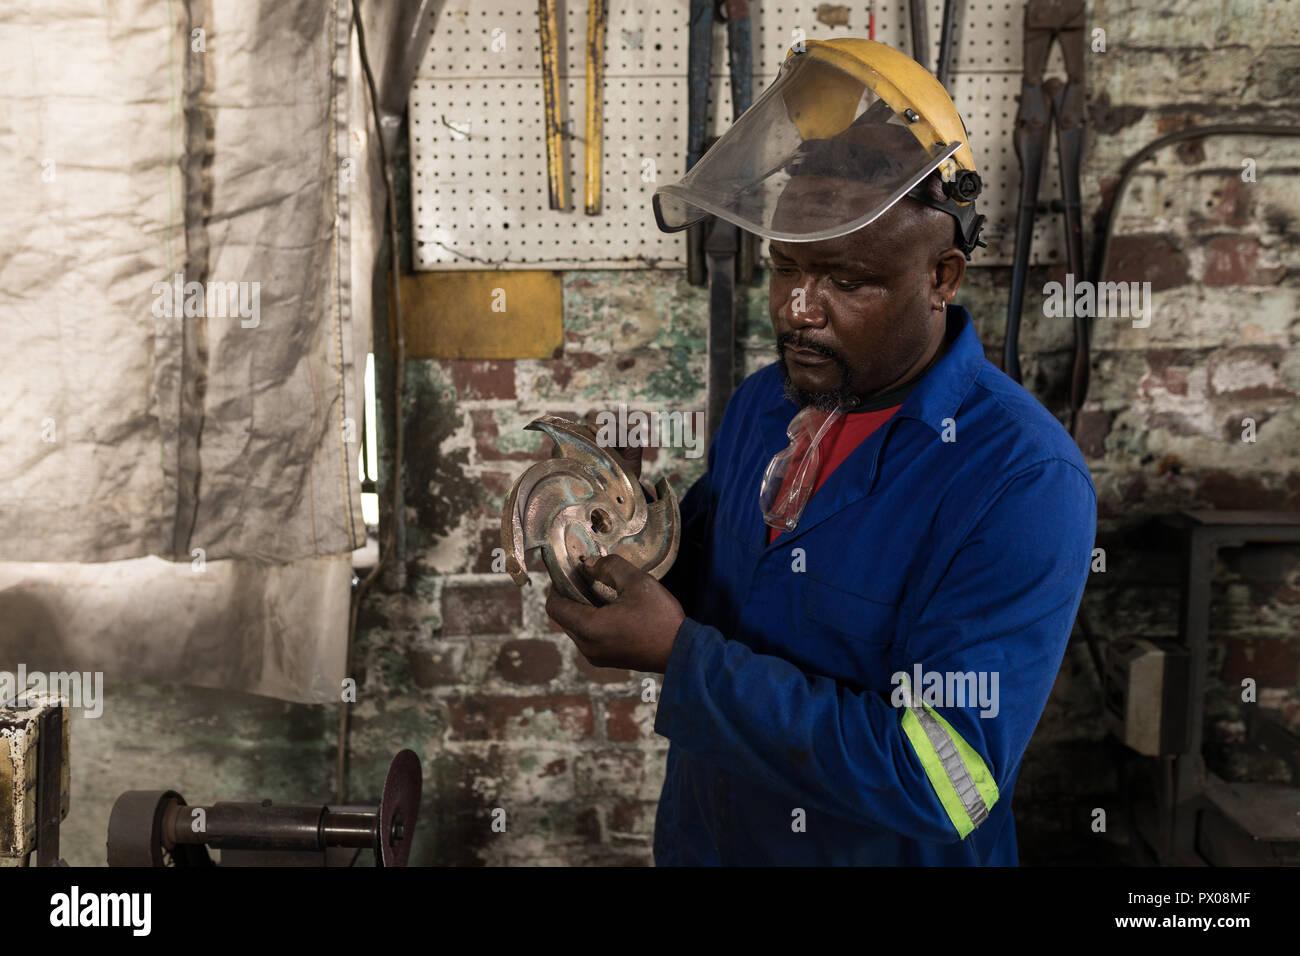 Blacksmith checking metal cutting blade in workshop - Stock Image